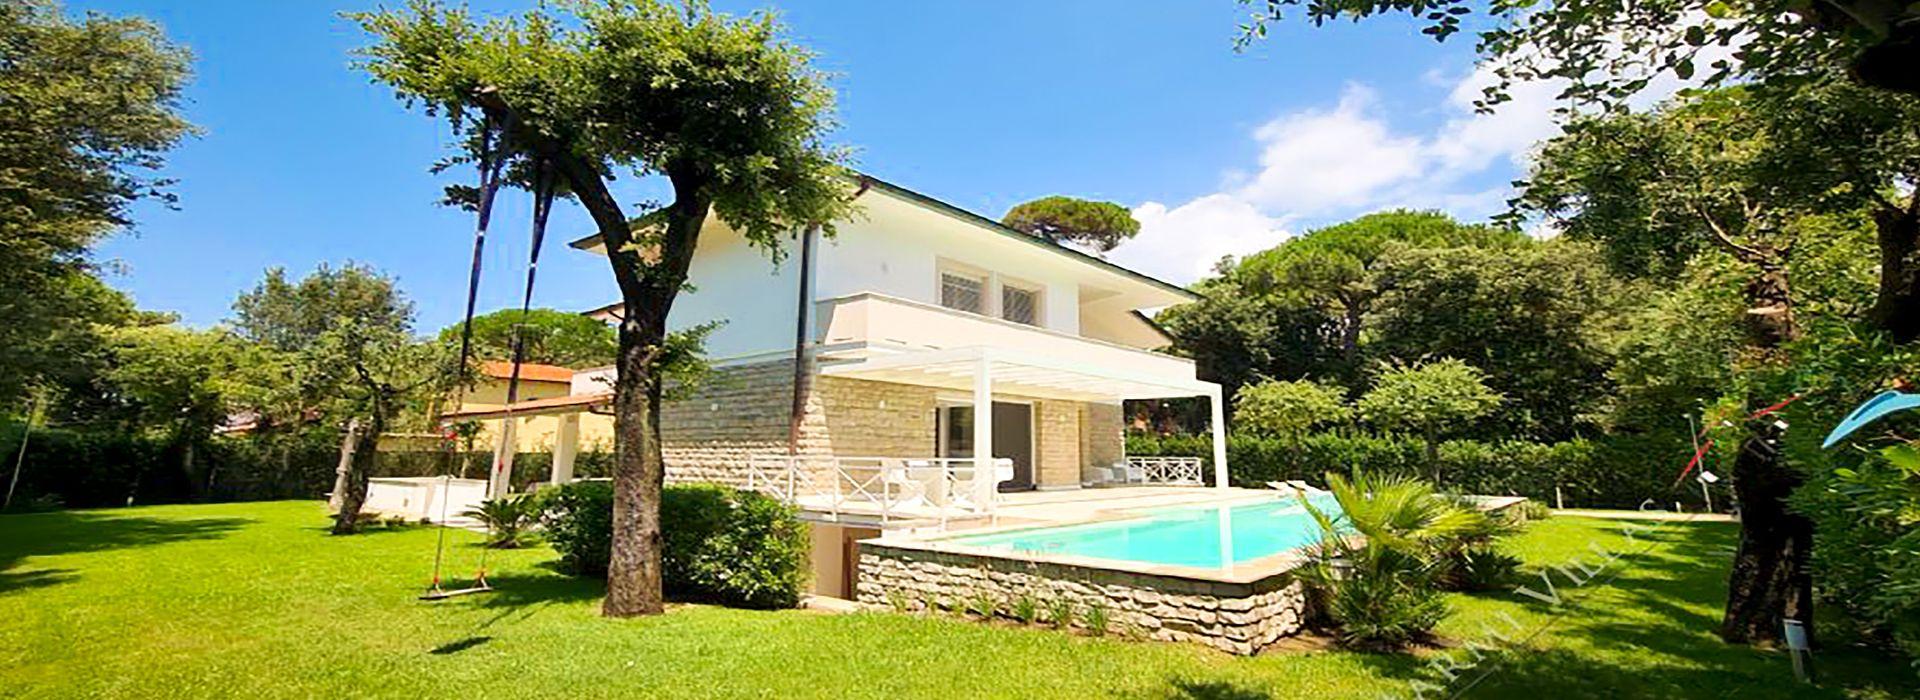 Villa Aeternitas Villa singola  in affitto  Forte dei Marmi